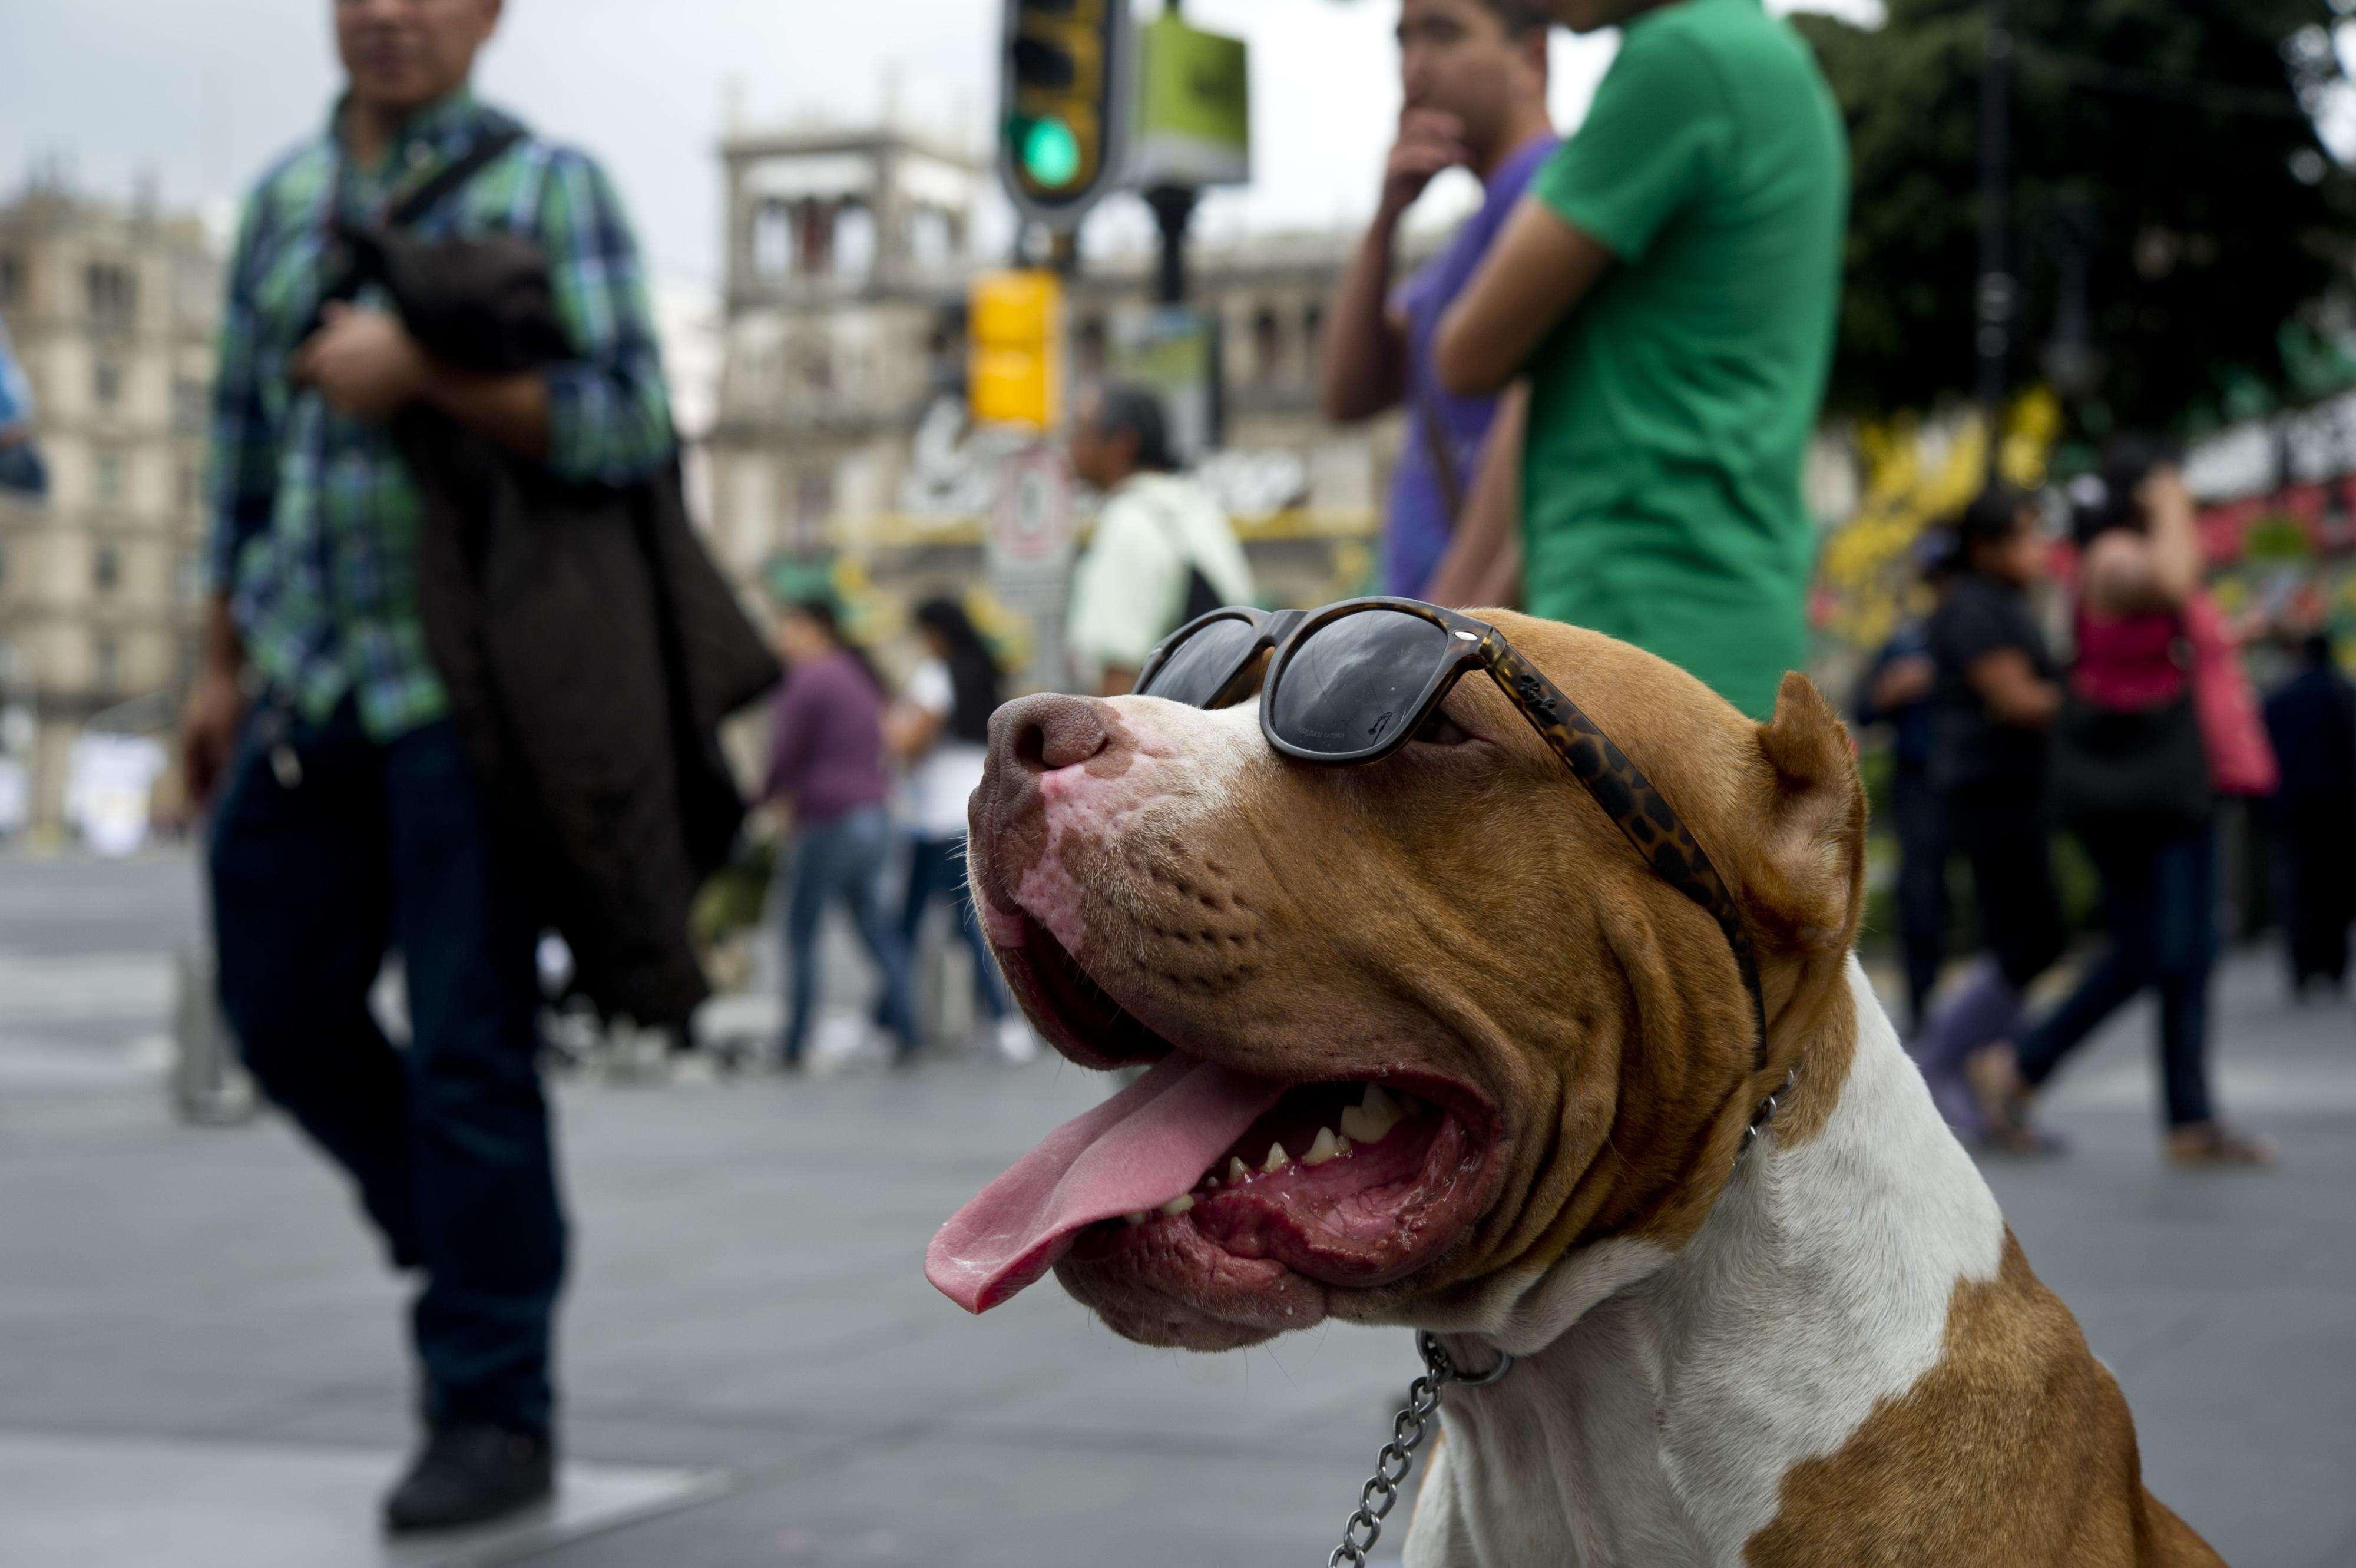 Fotos 22 septiembre. Foto: AFP